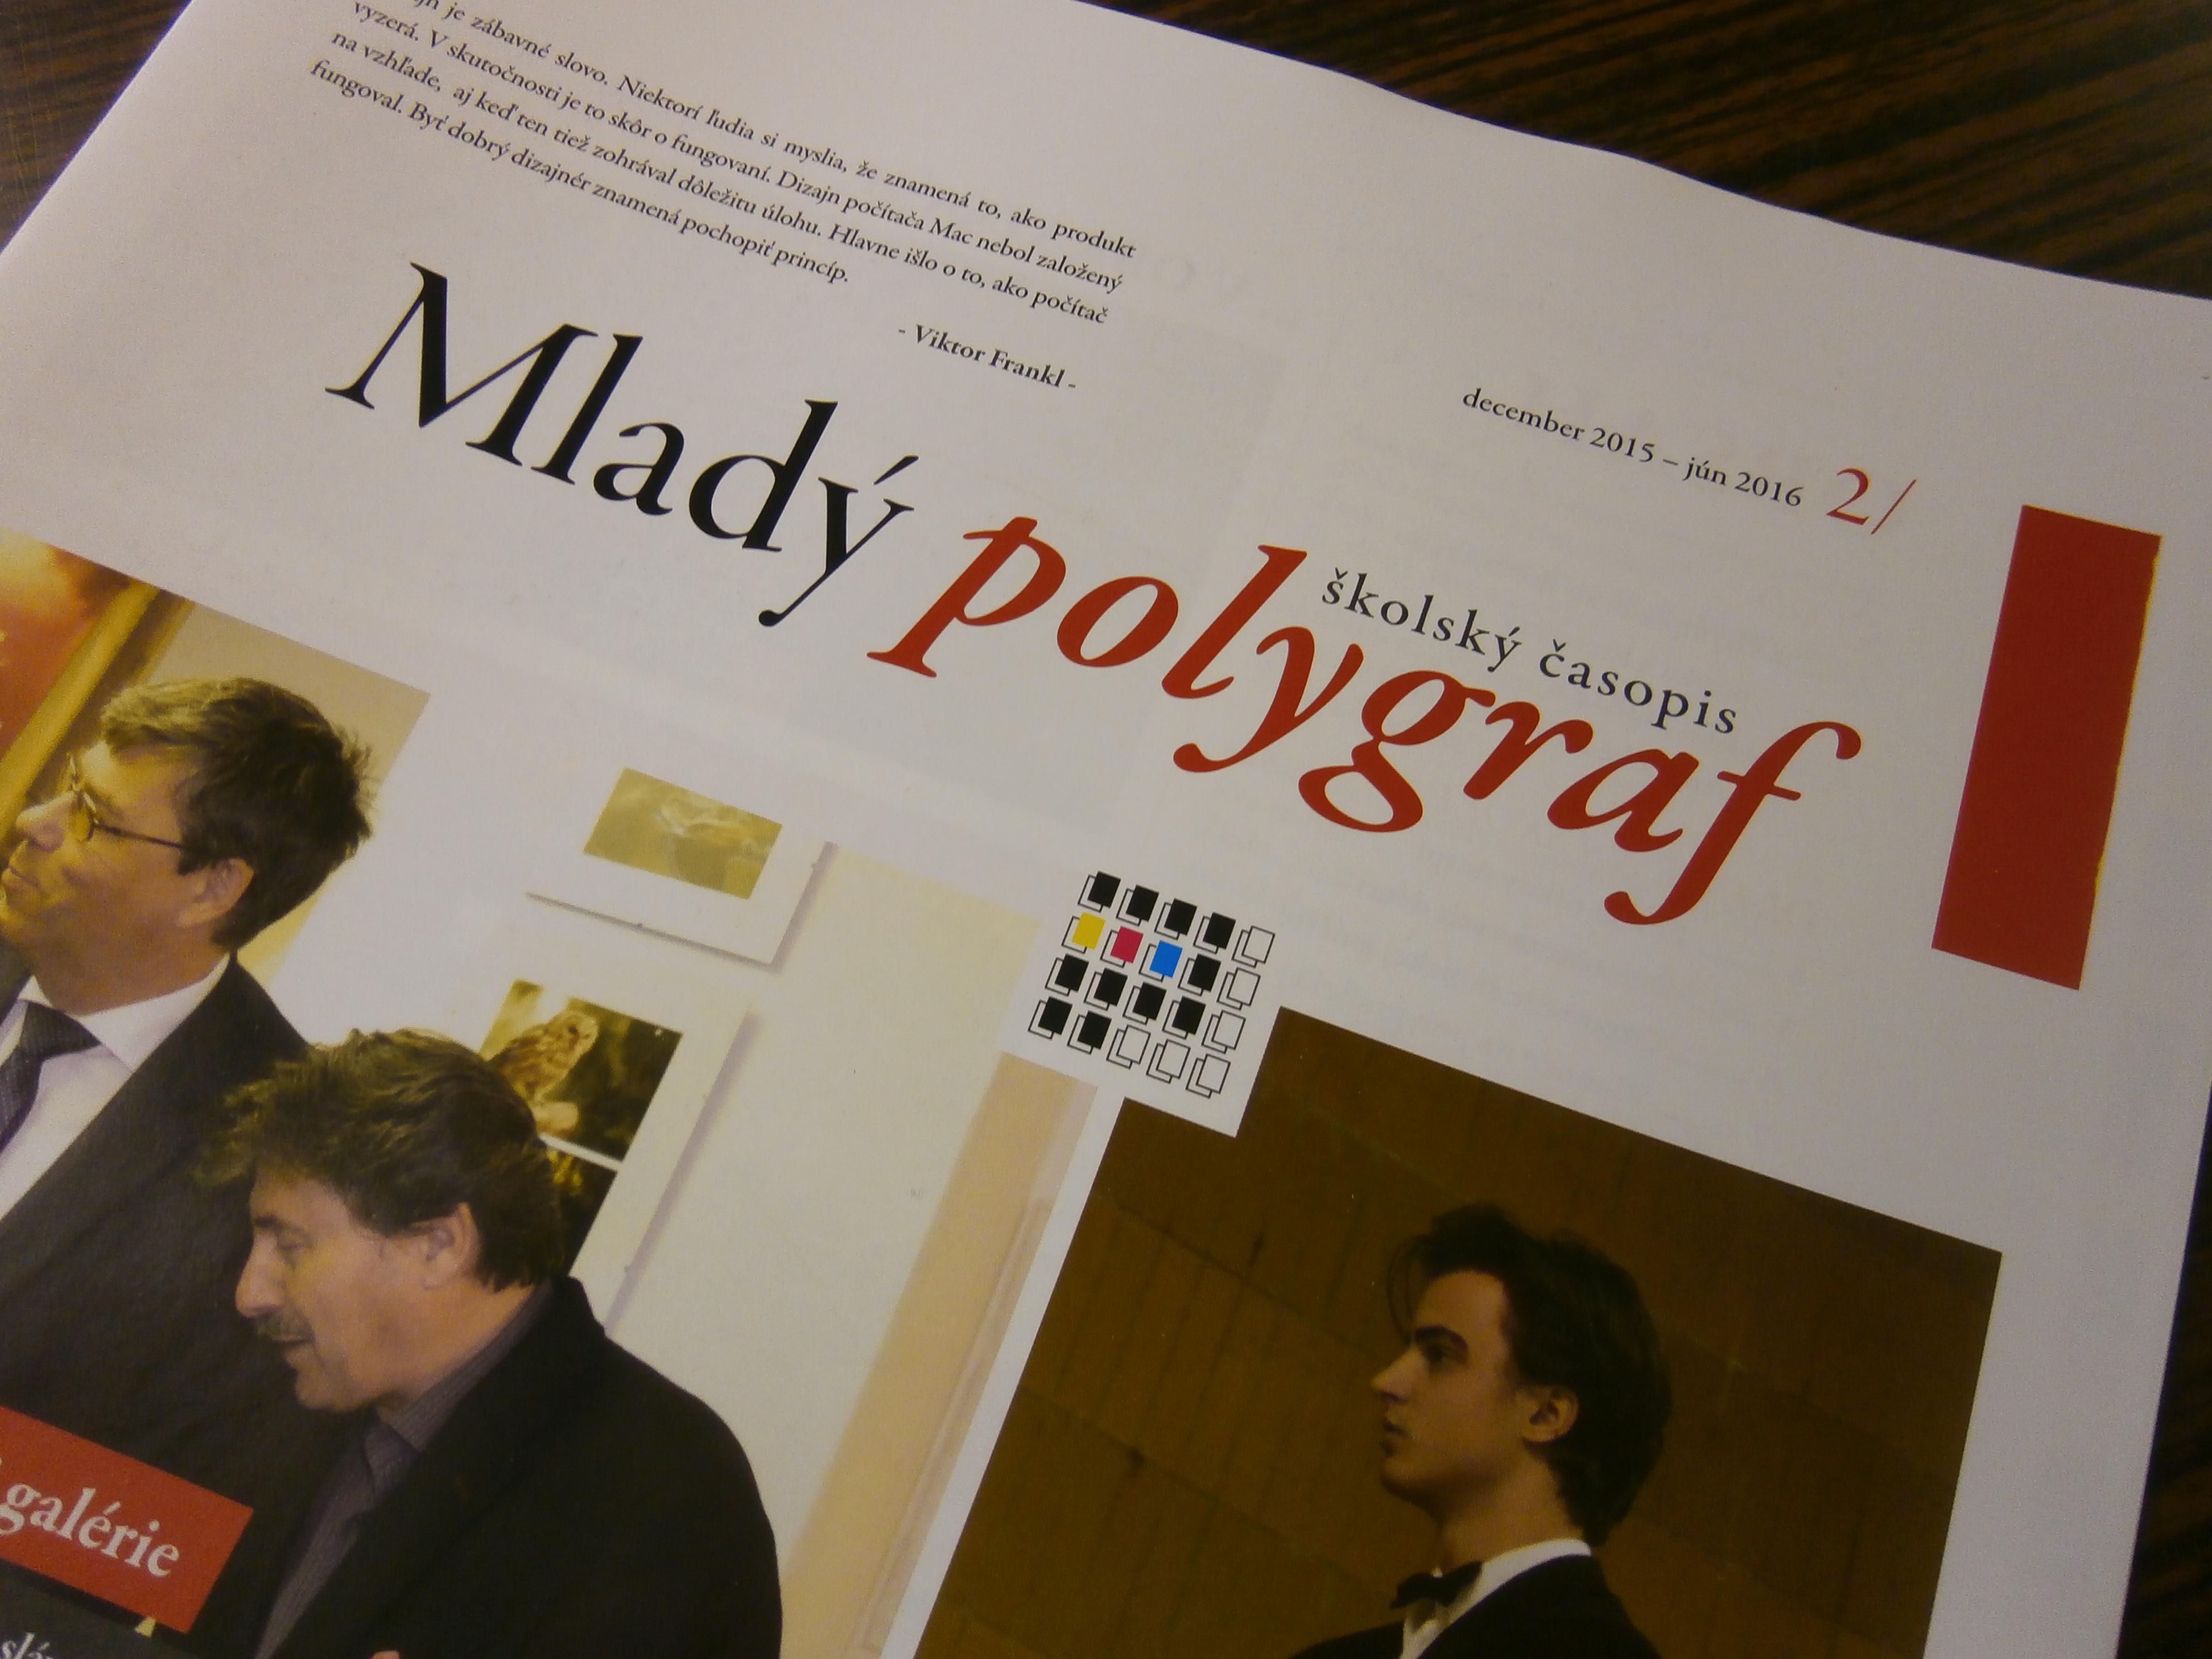 mladý polygraf